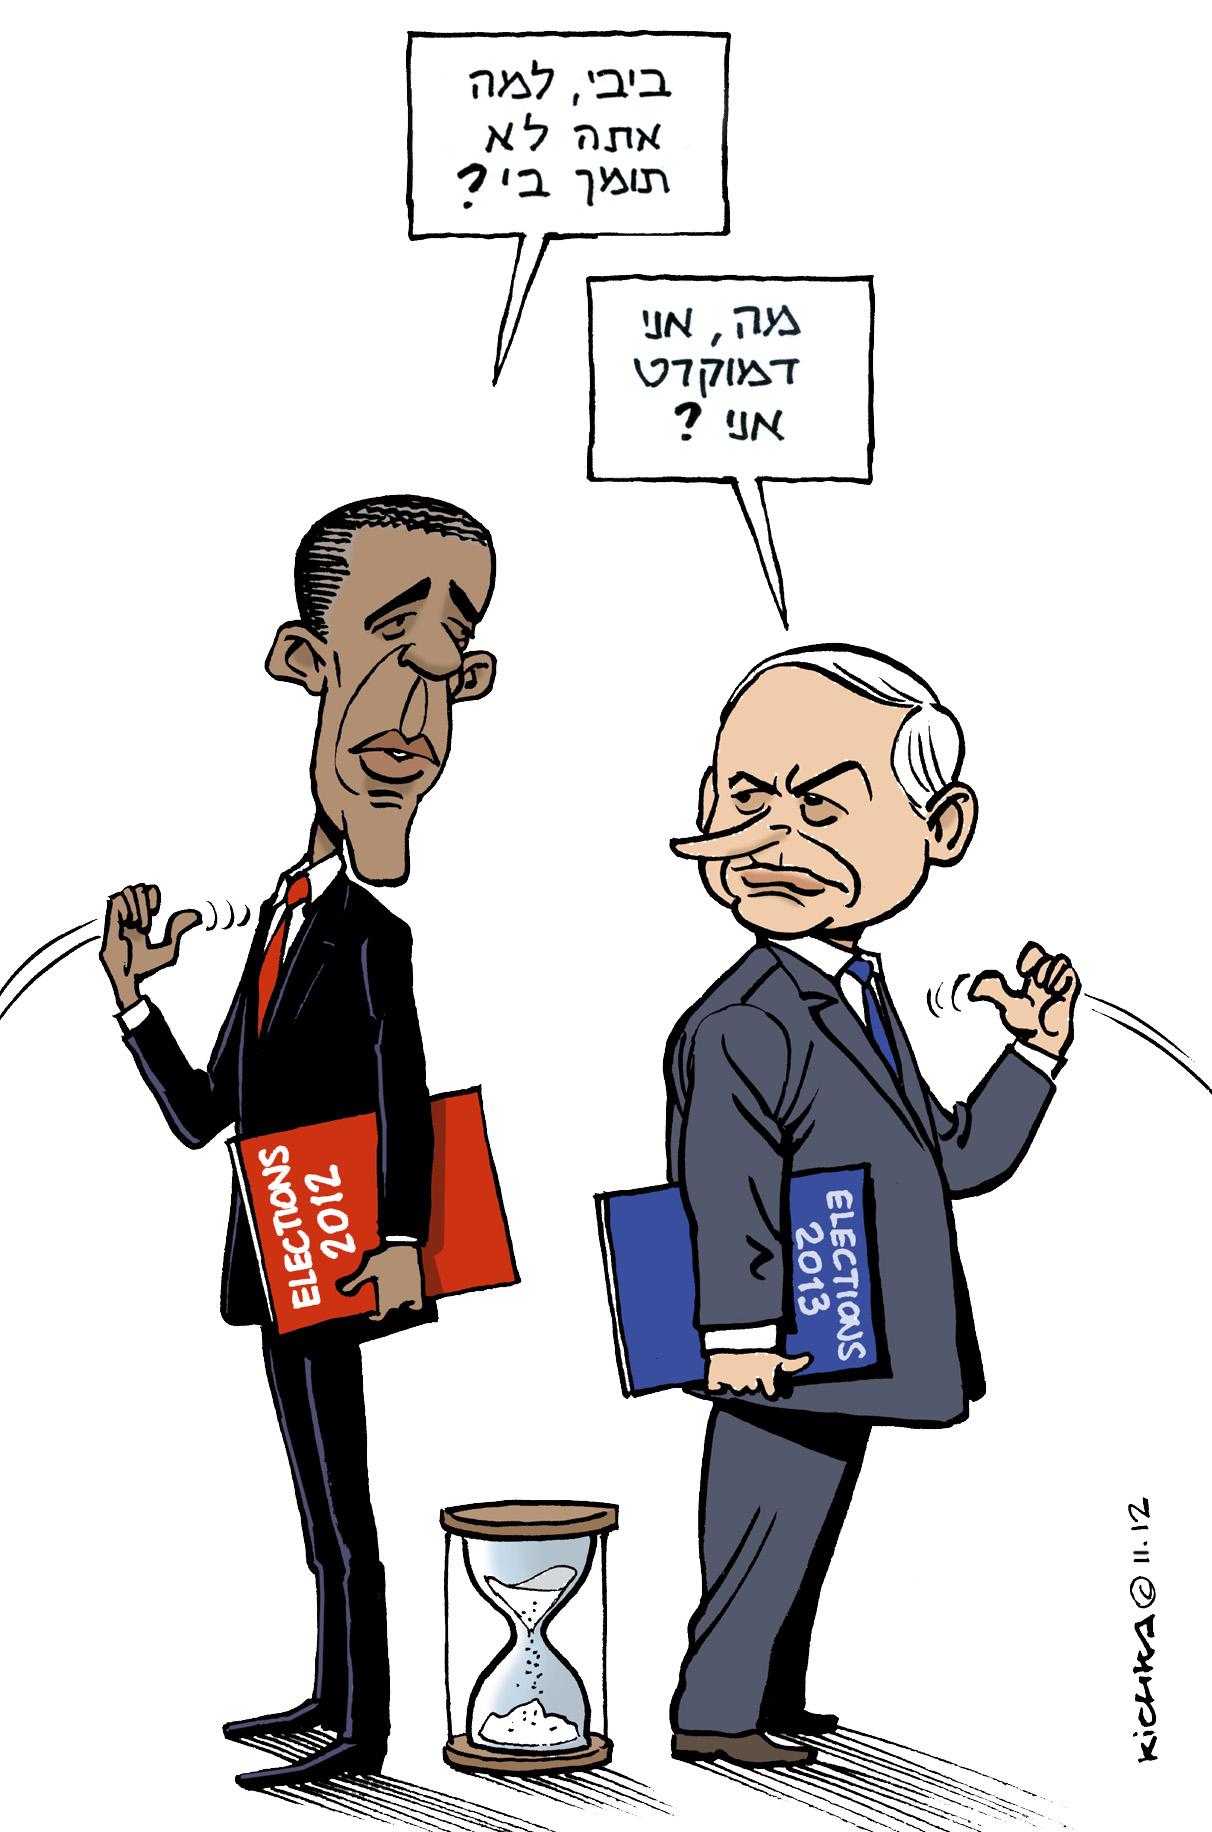 תוצאת תמונה עבור אובמה קריקטורות